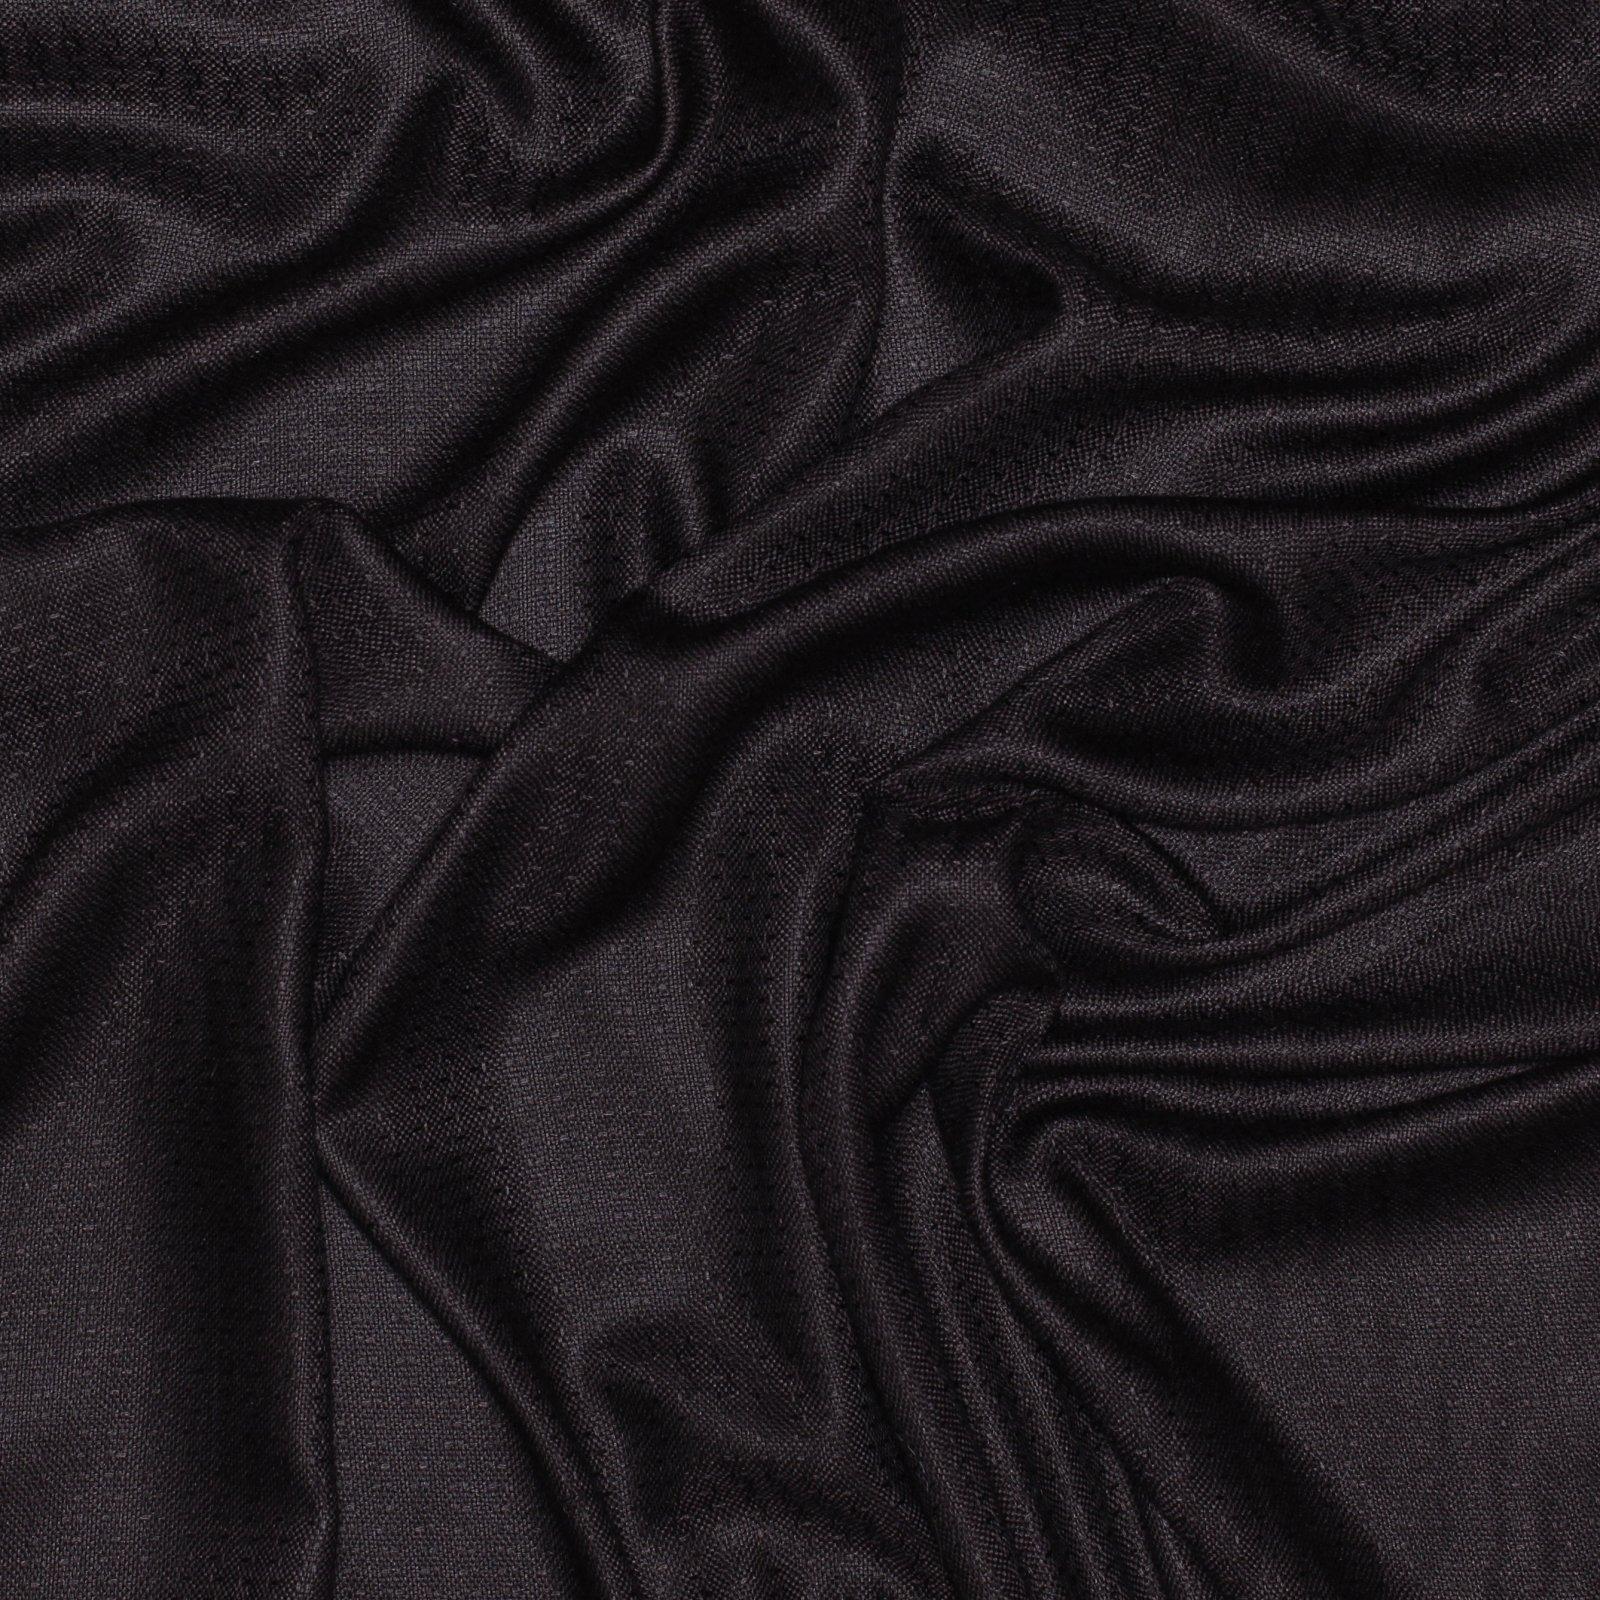 Sable Silk Rayon Solid